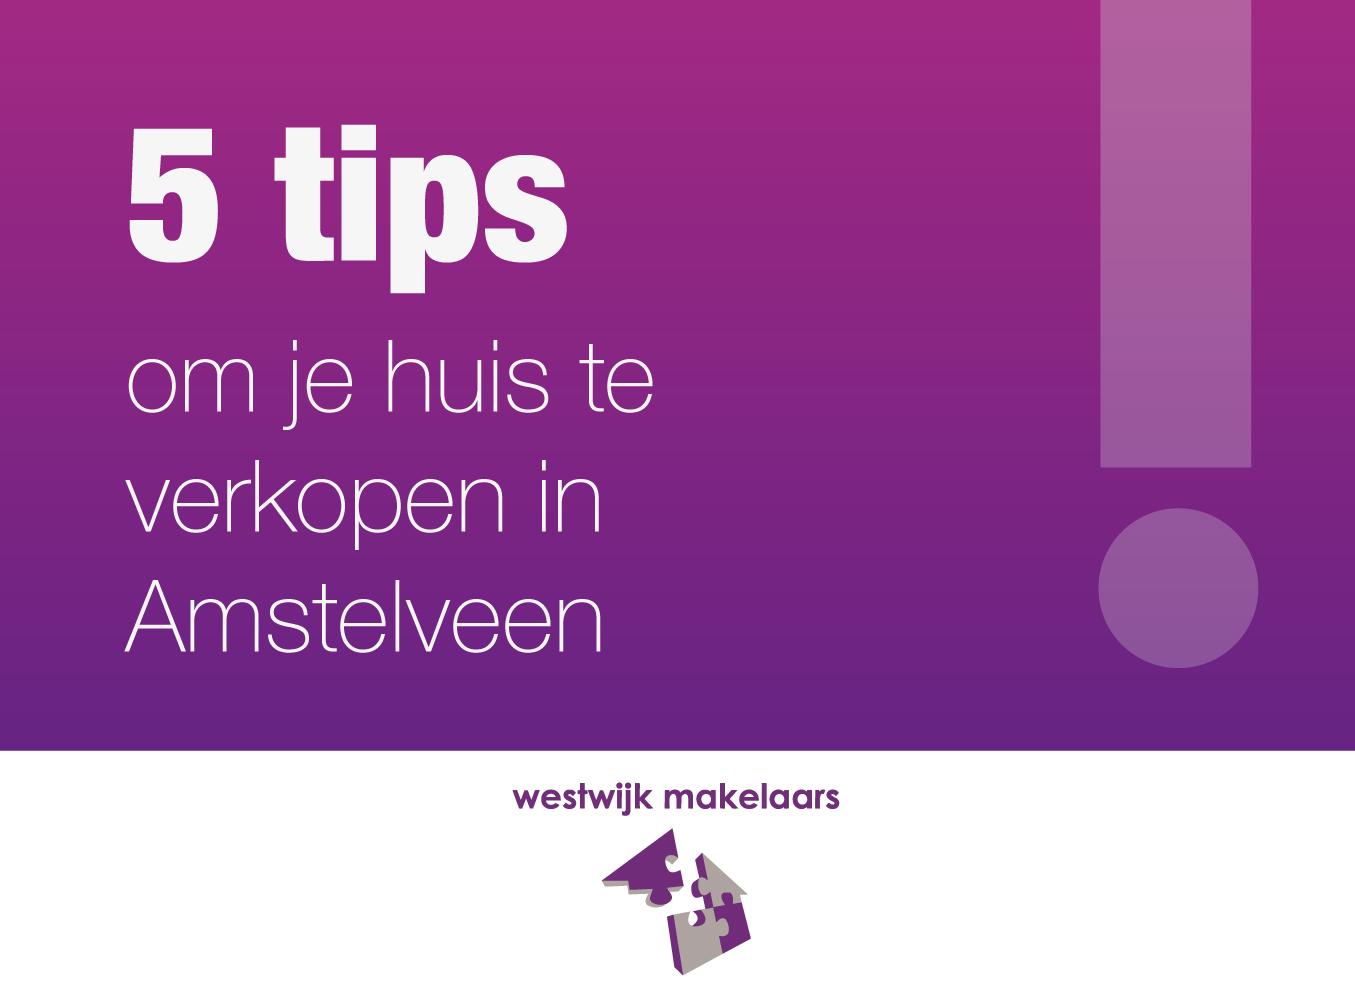 5 Tips om je huis te verkopen in Amstelveen